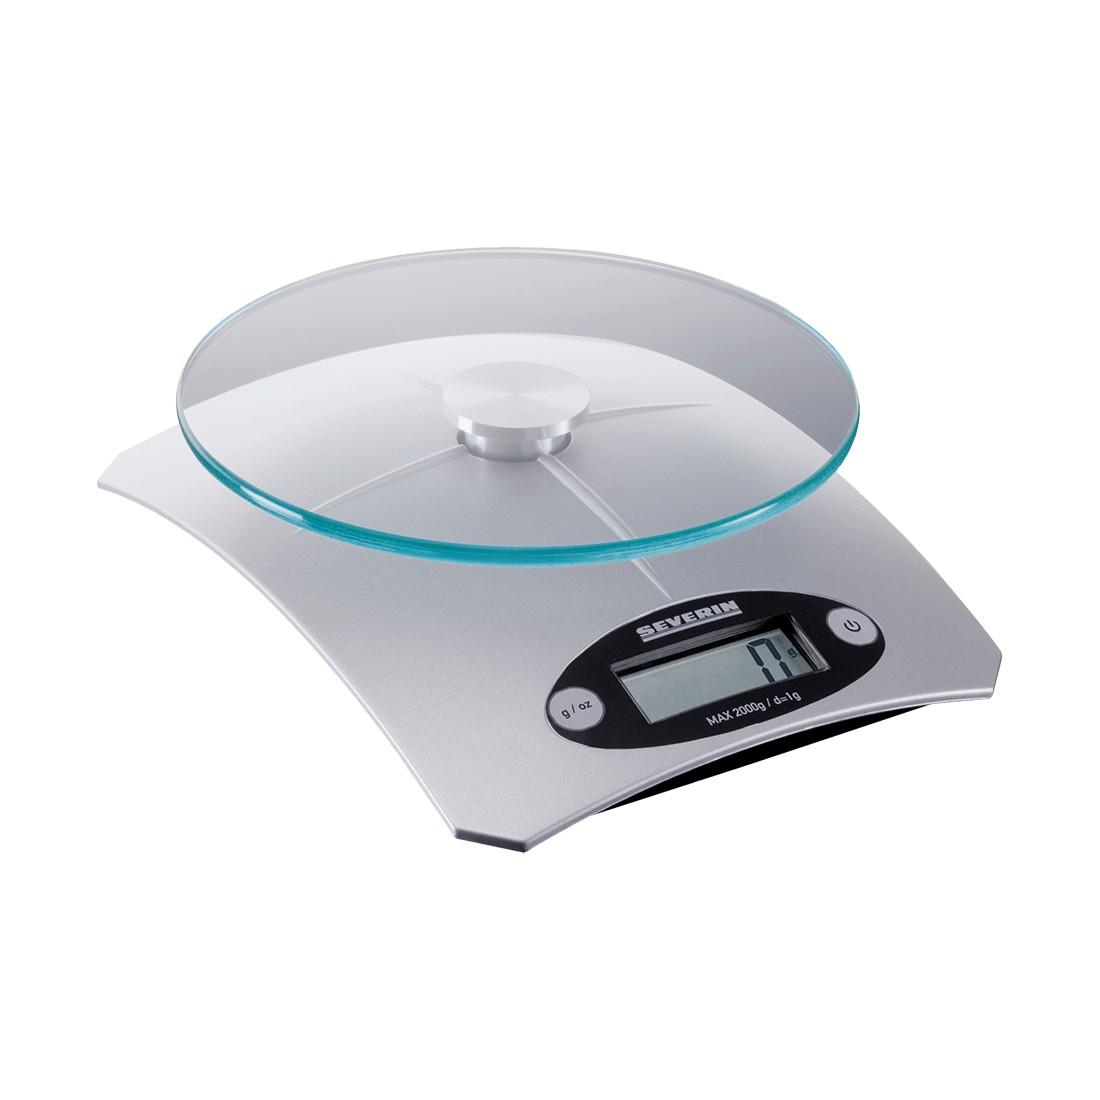 Küchenwaage KW 3667 digital – Kunststoff Silber, Severin online bestellen